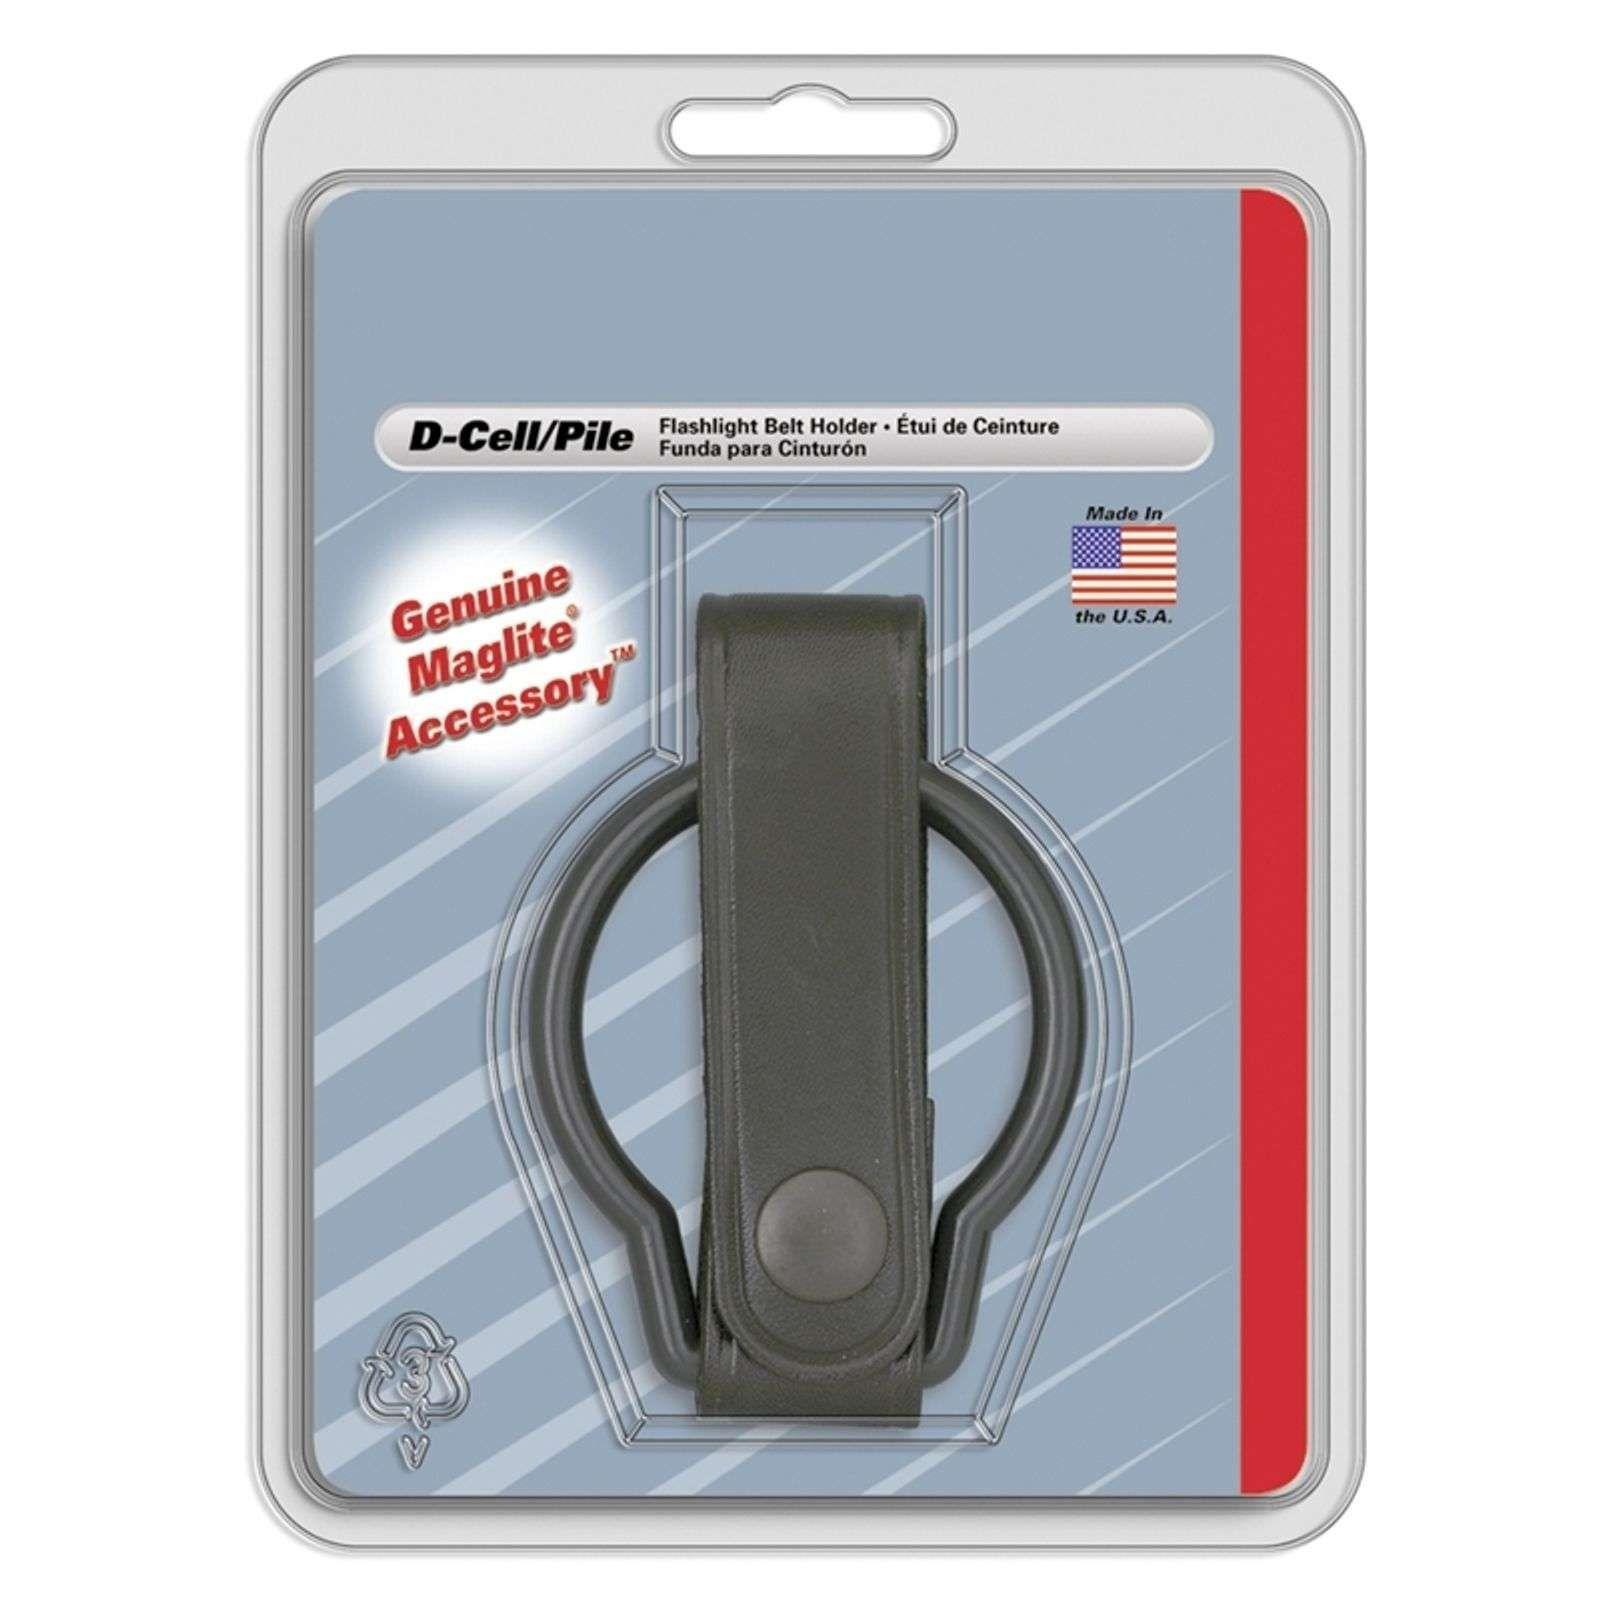 Porte lampe de poche cuir avec anneau pour D-Cell de INC., INC.